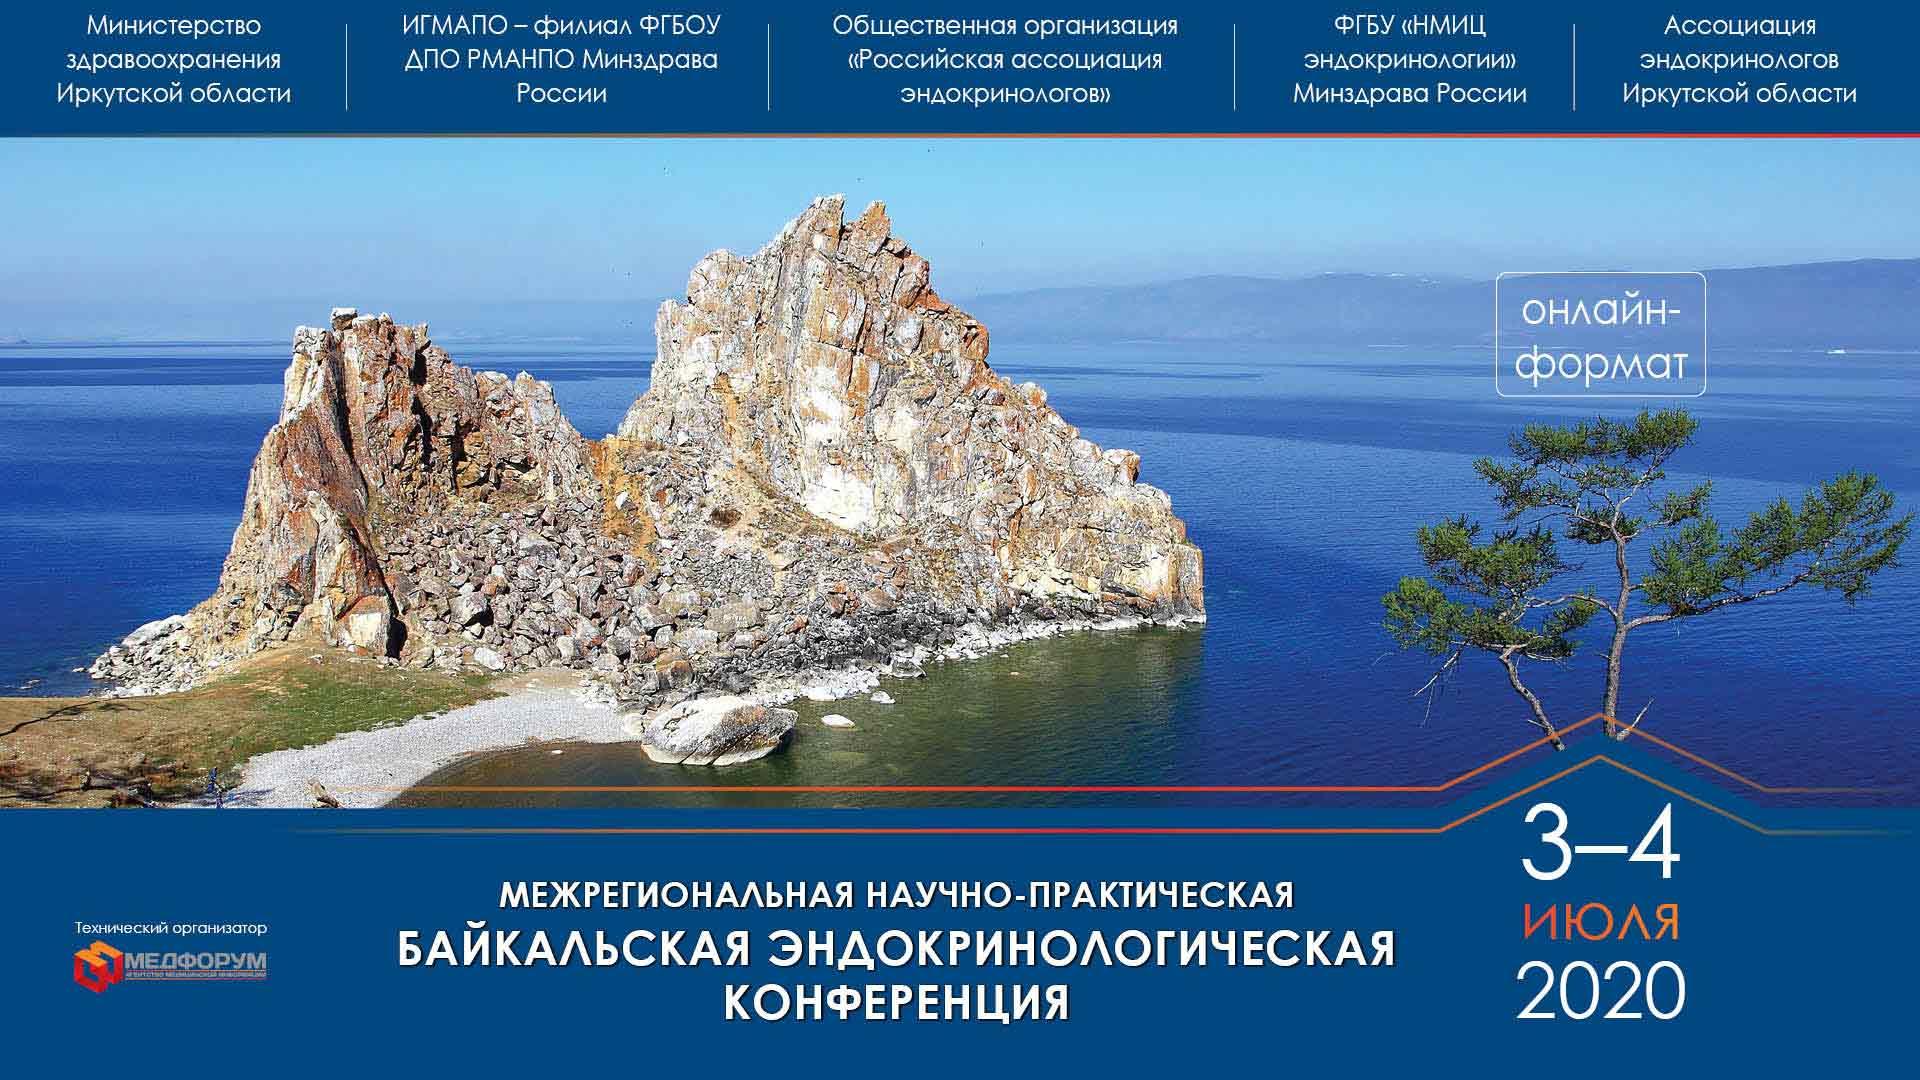 Байкальская эндокринологическая конференция состоится онлайн